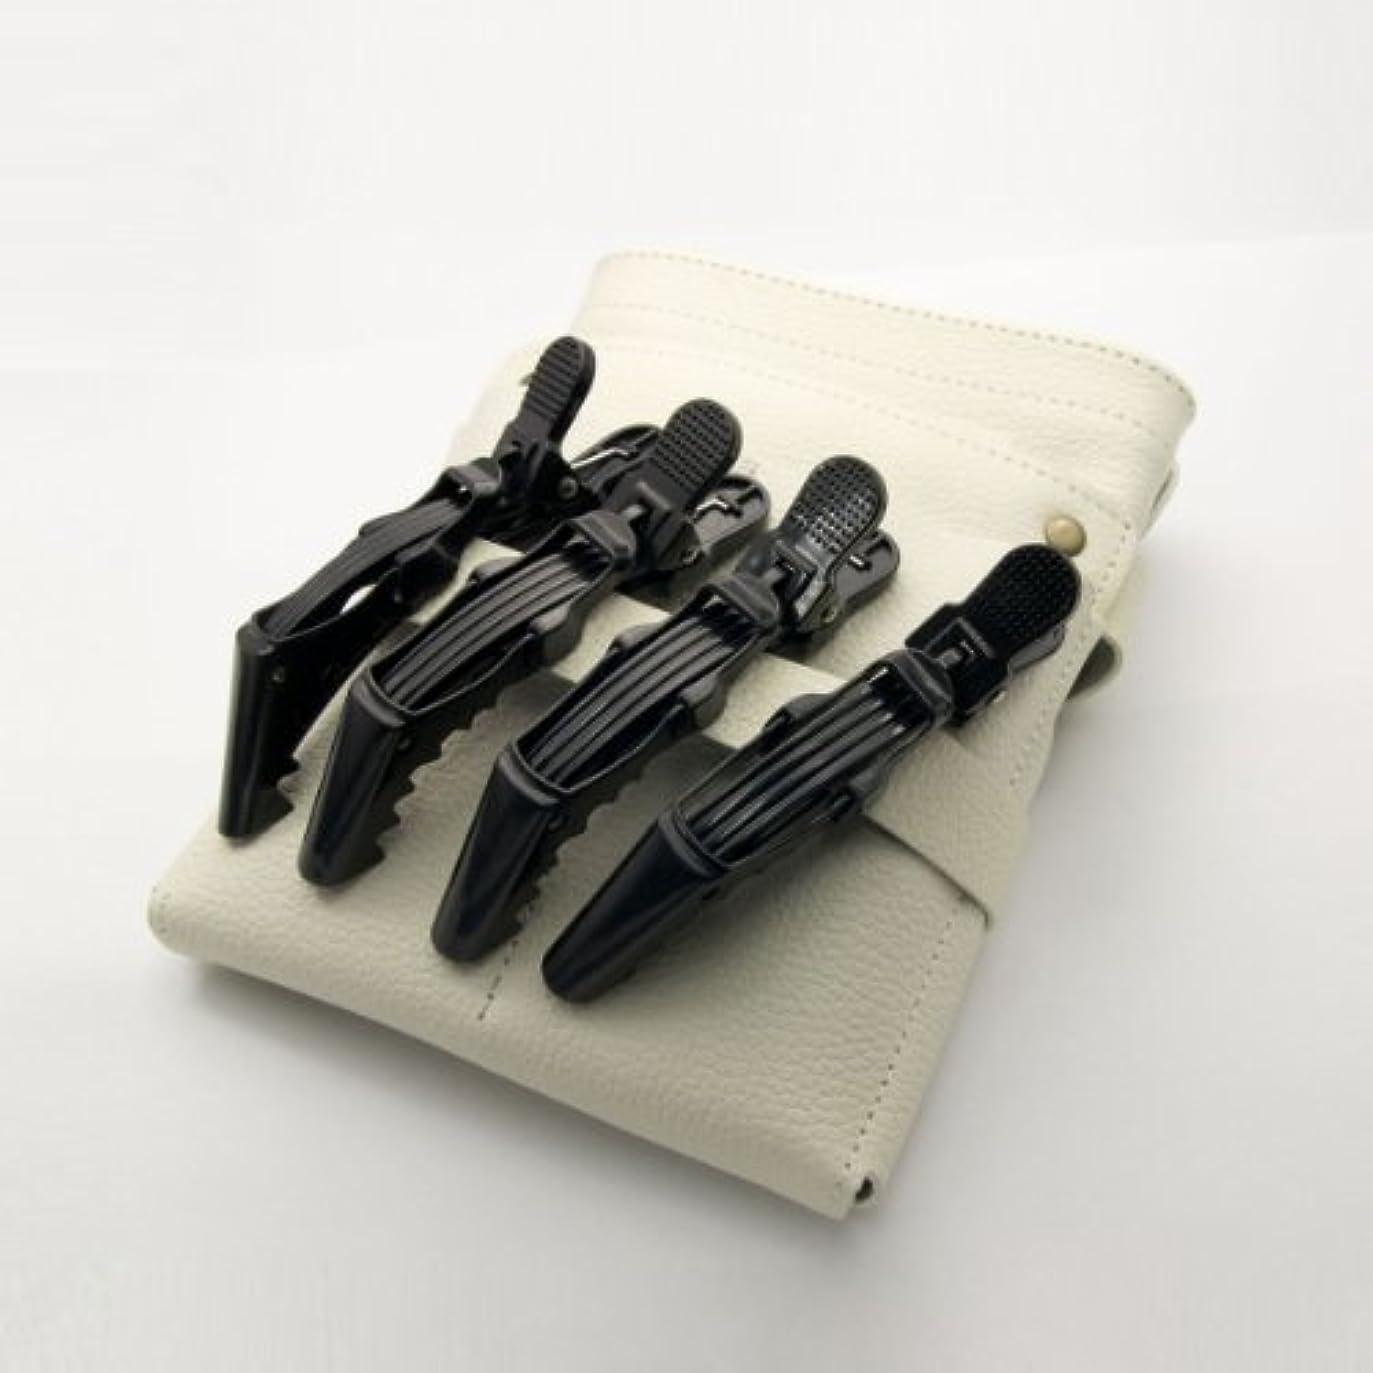 告白する満足できるのどDEEDS C-0010 プロ用 ワニクリップ ブラック 美容 クリップピン 黒 ヘアクリップ 美容小物